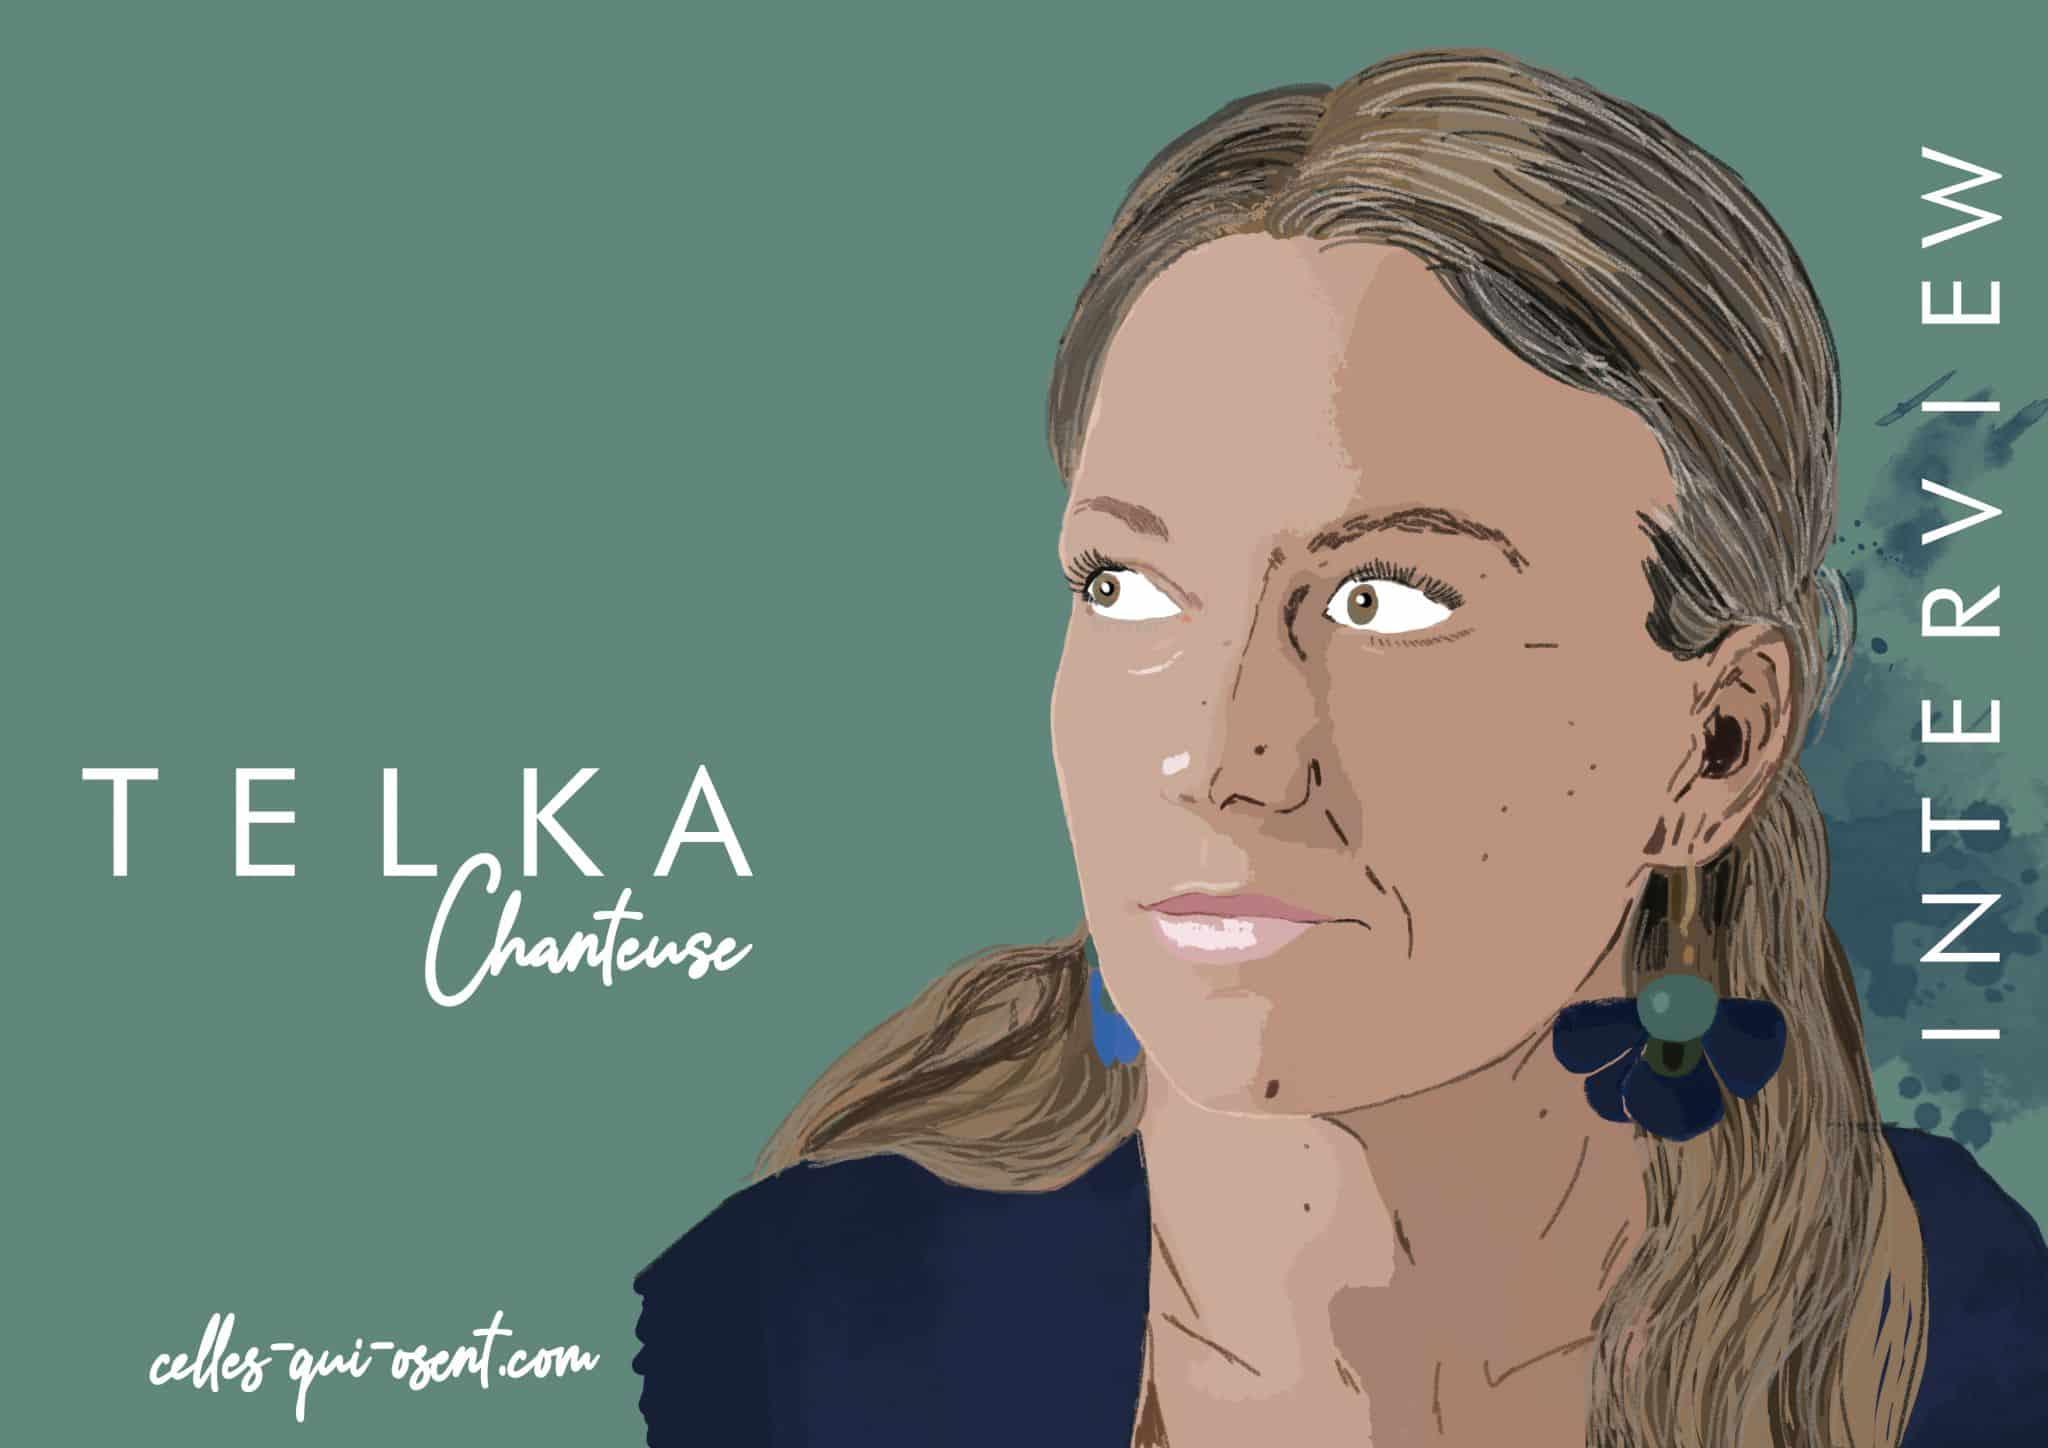 telka-chanteuse-cellesquiosent-CQO